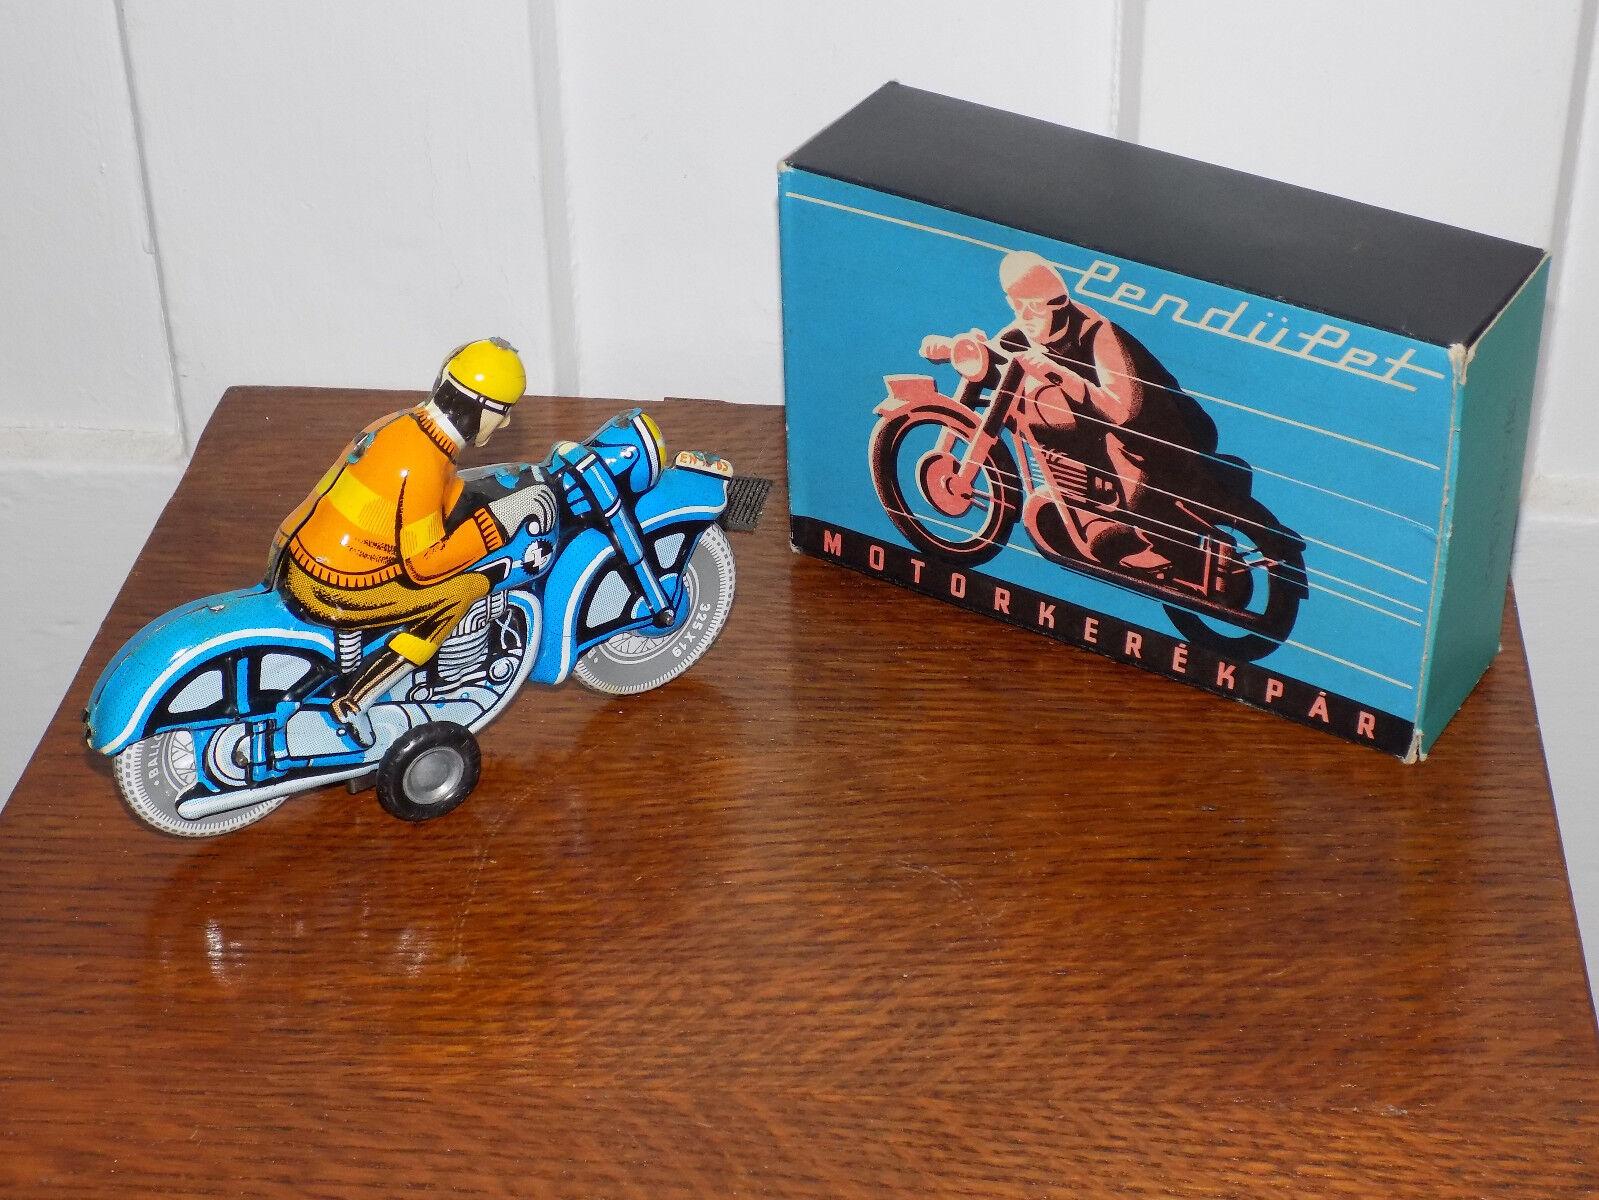 Zinn reibung motorrad mit box aus ungarn